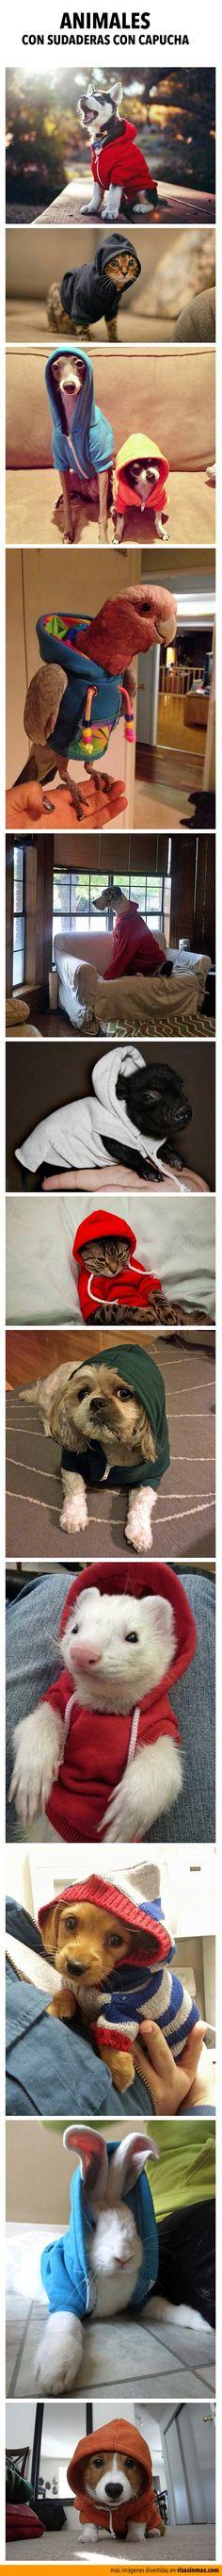 Animales con sudaderas con capucha.